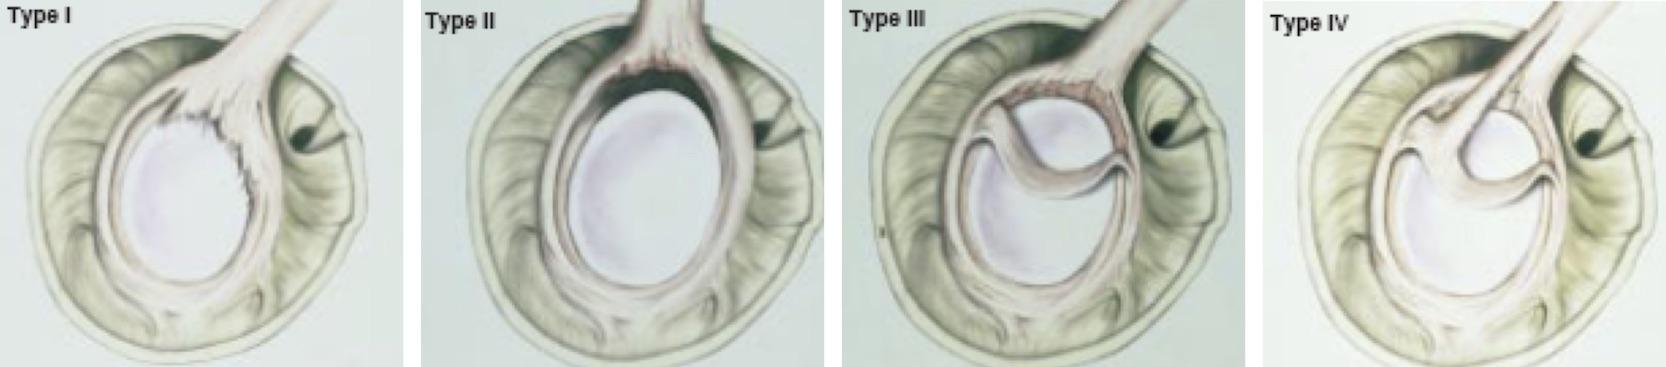 Tipos de lesão do lábio superior (SLAP)